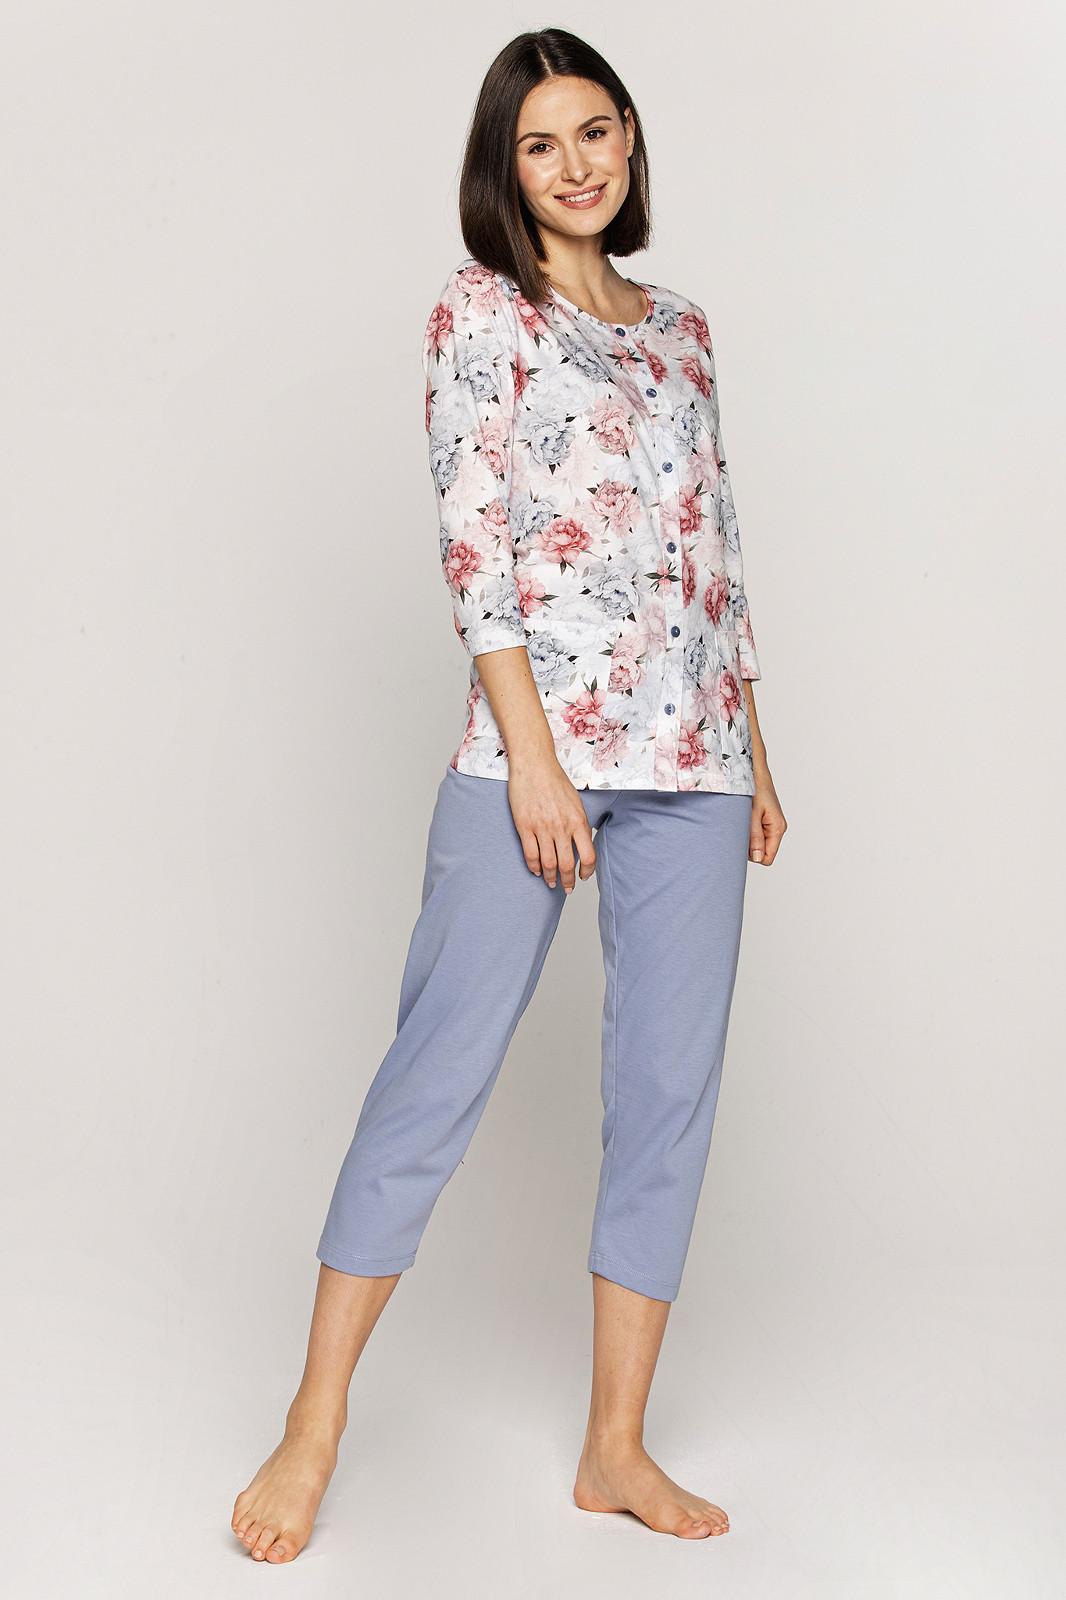 Dámské pyžamo Cana 561 3/4 S-XL